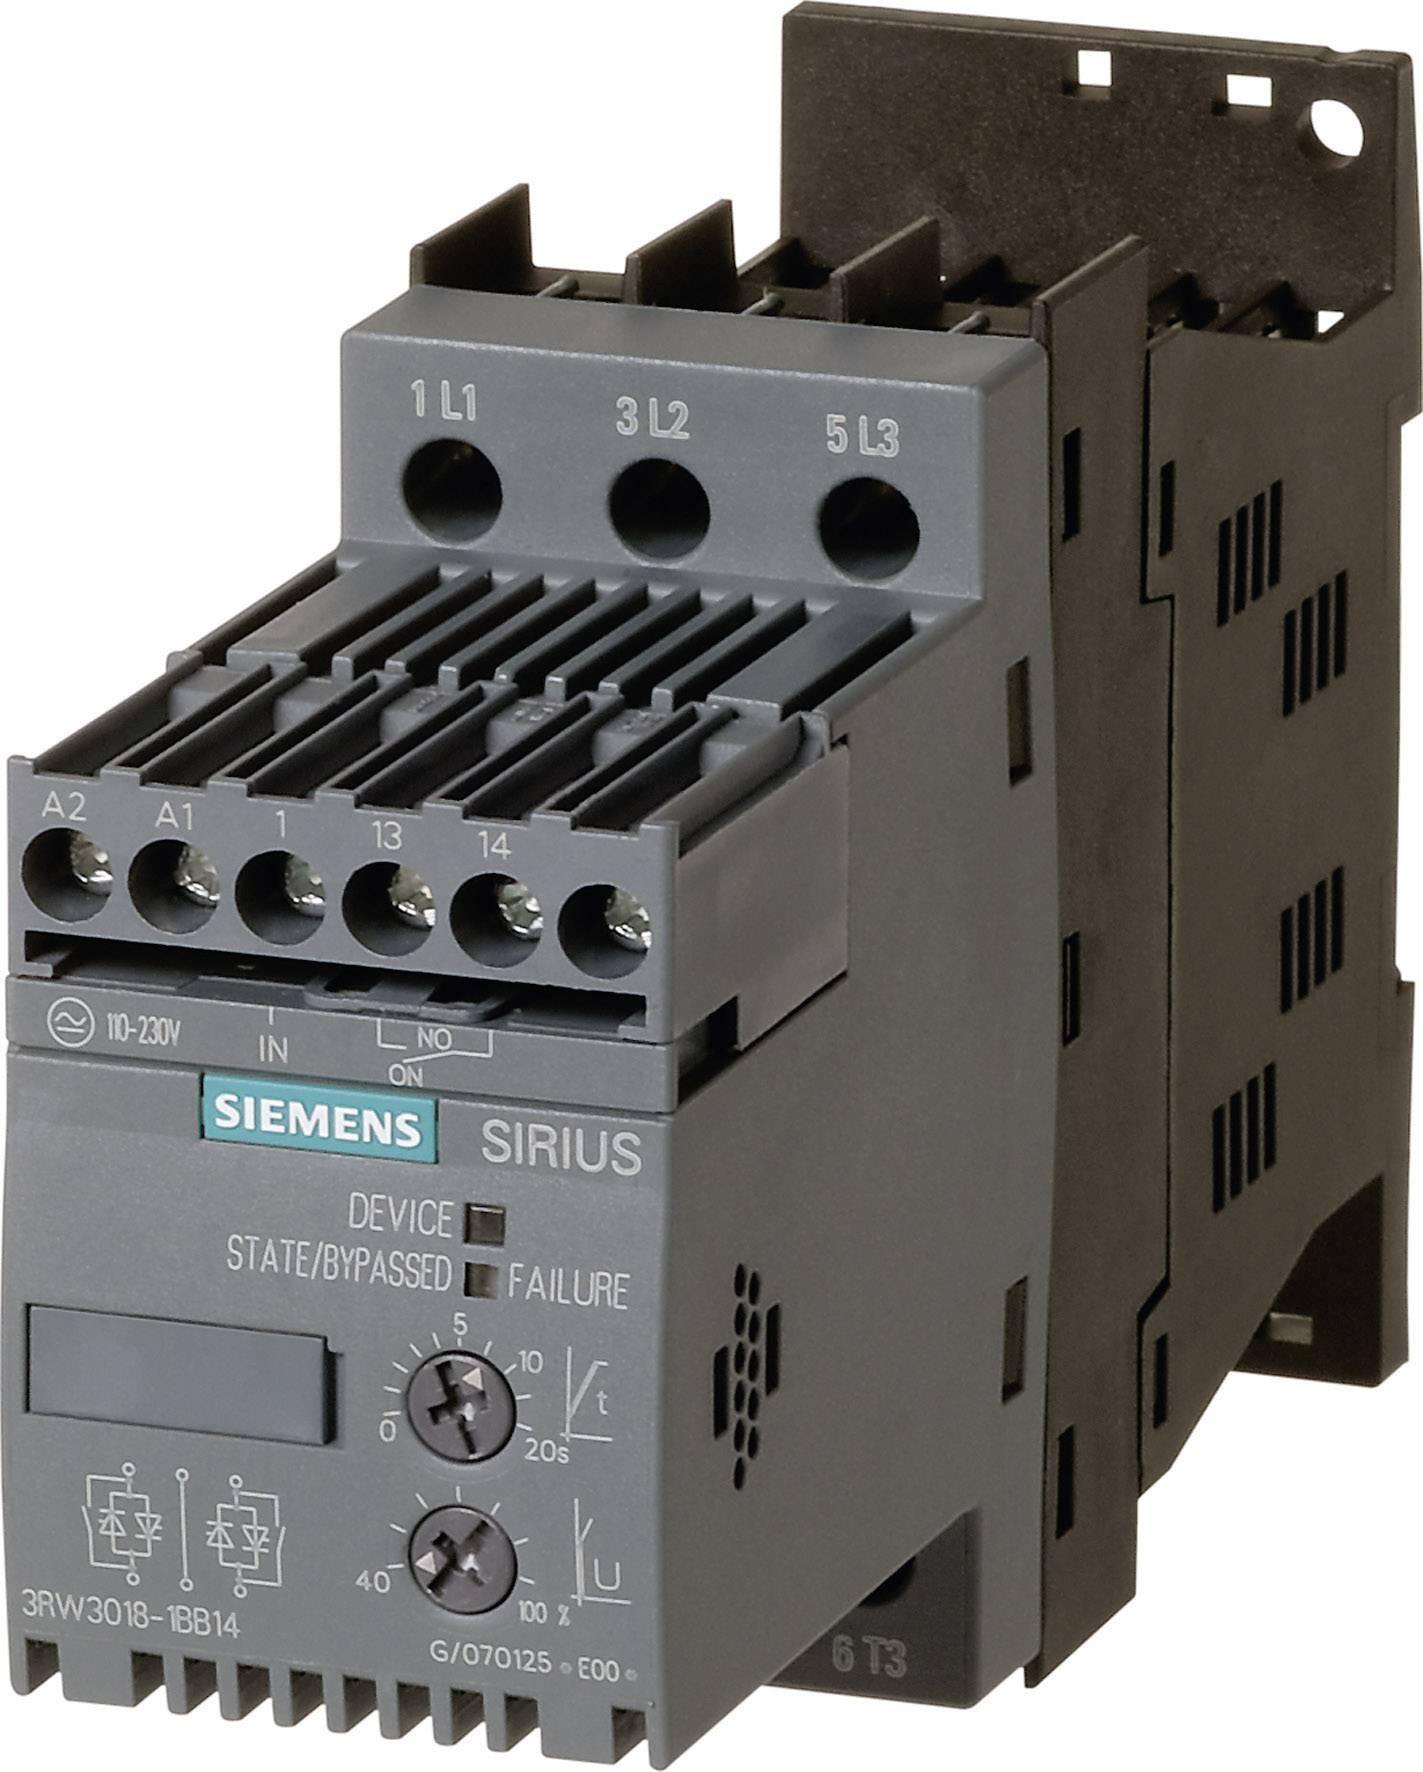 Softstartér Siemens 3RW3018 (3RW3018-1BB14)